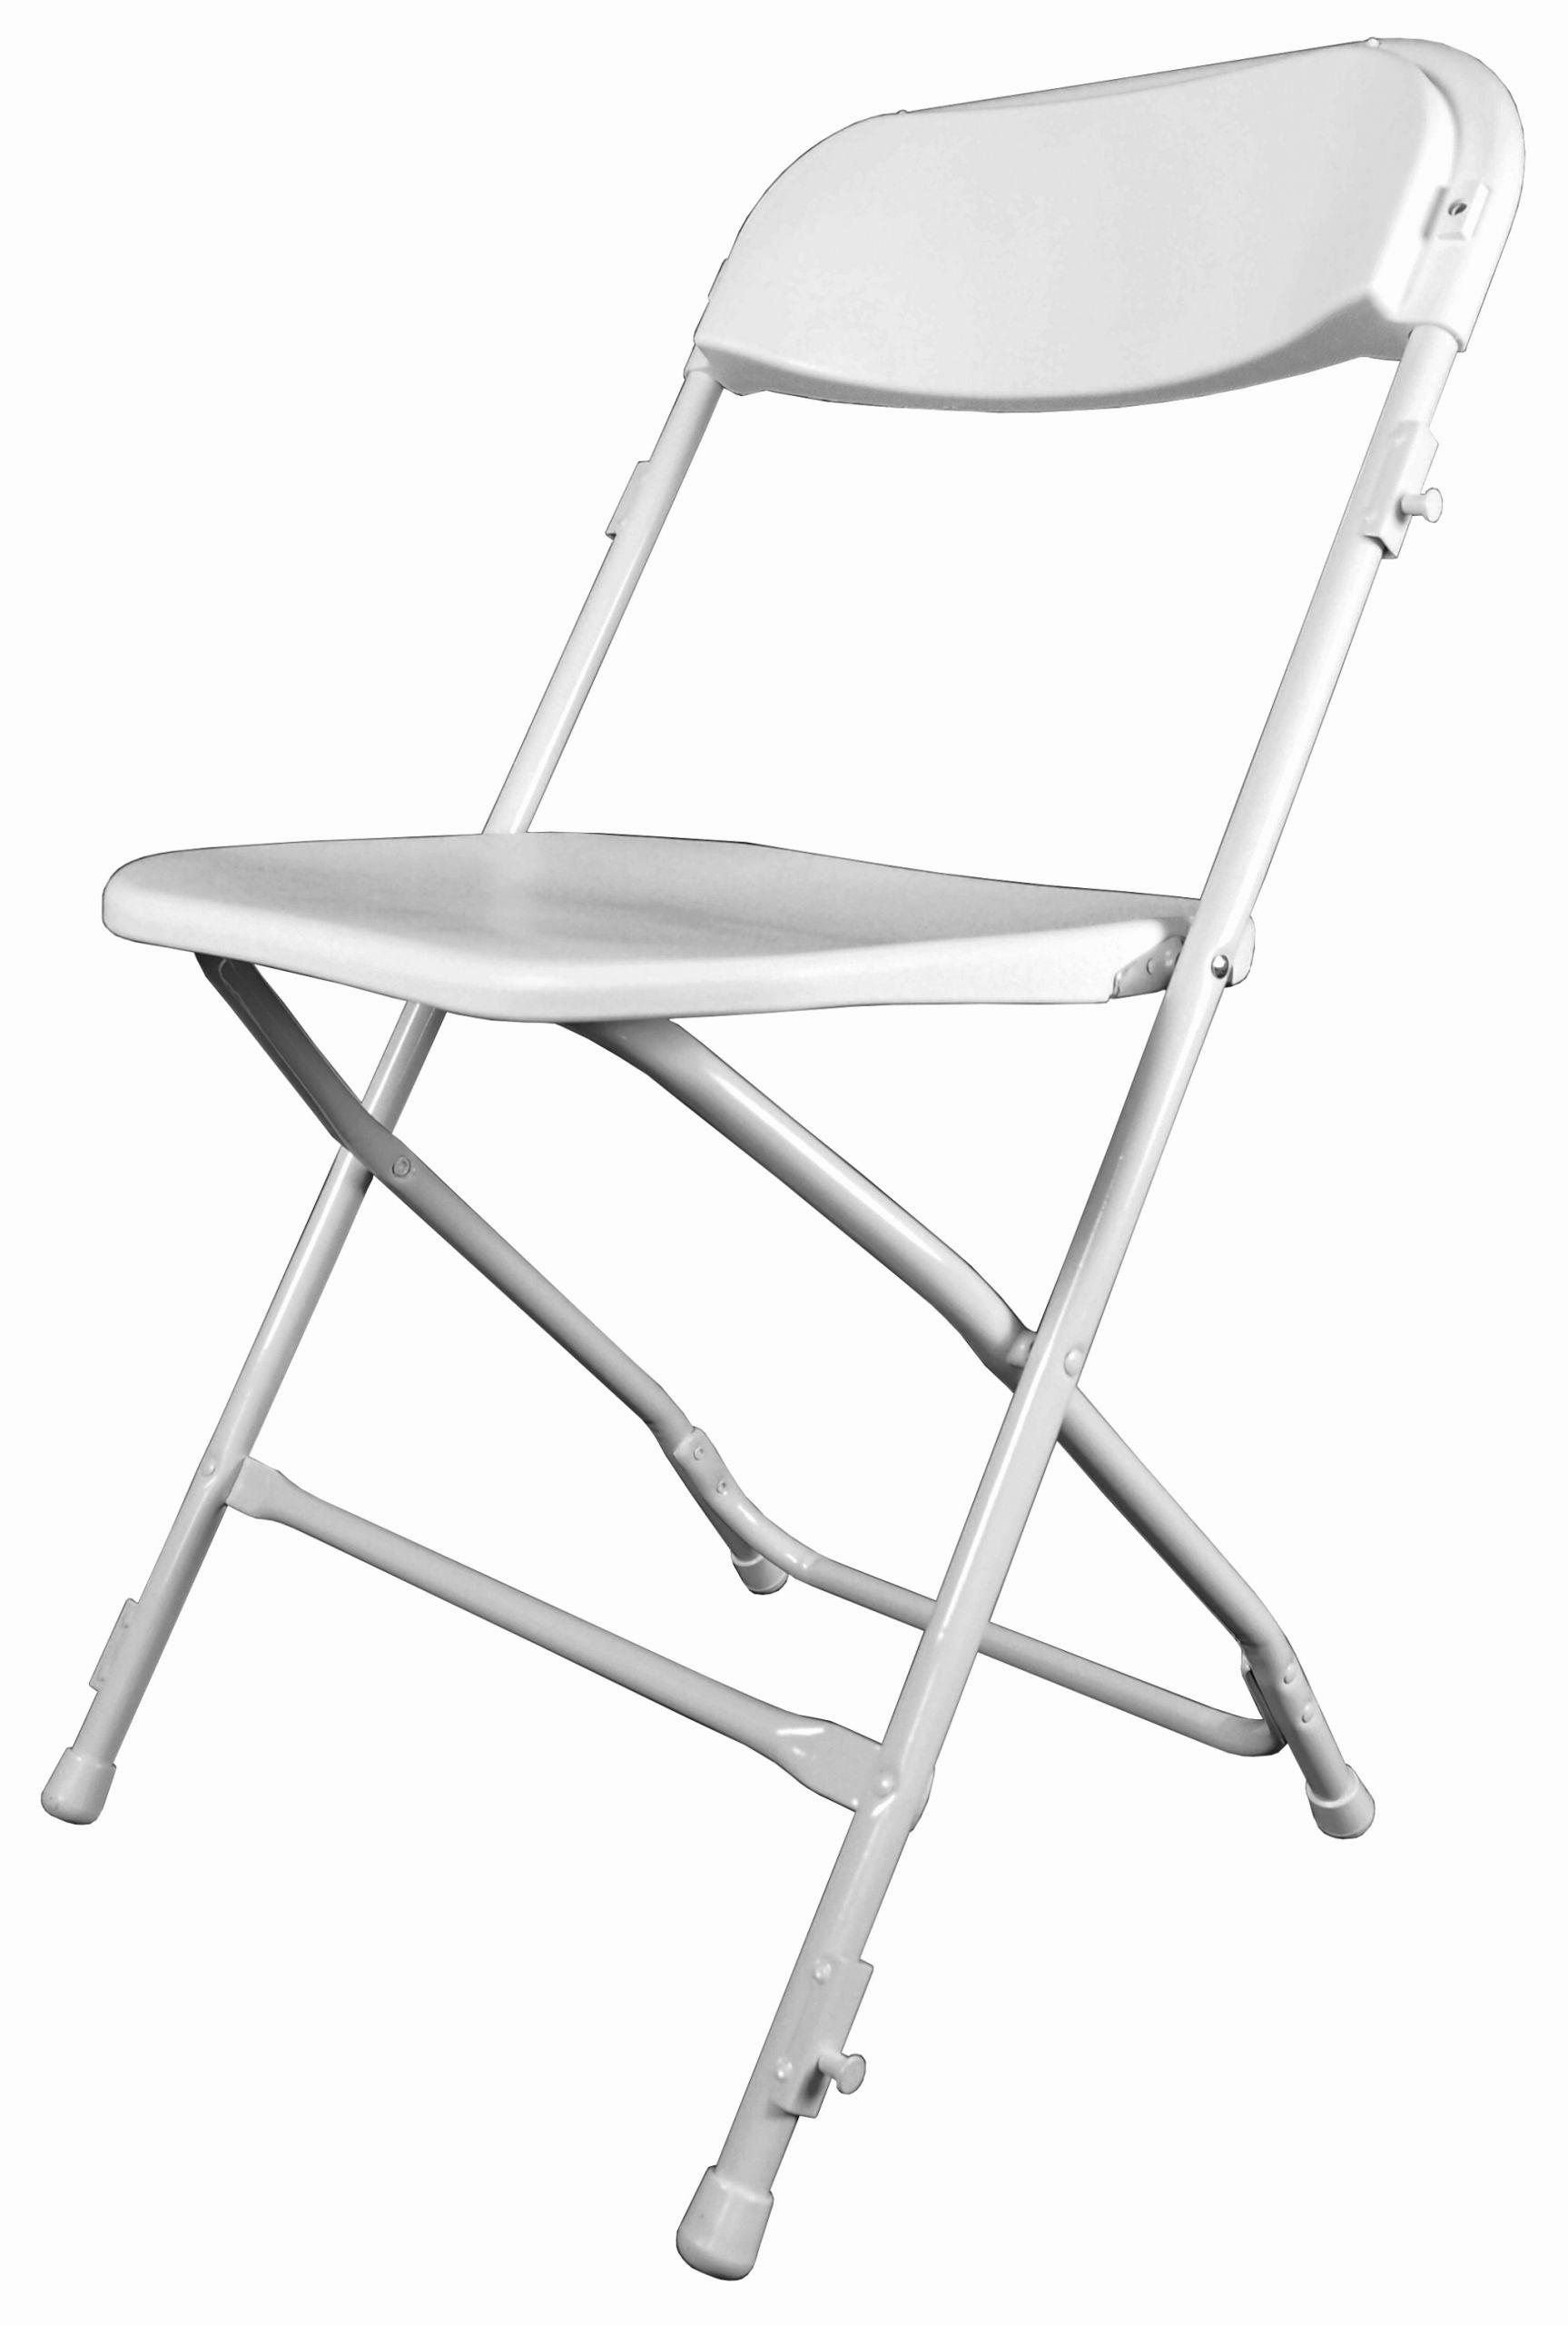 chaise haute transparente beau chaises plexiglas inspirant chaise haute but alinea chaise 0d of chaise haute transparente